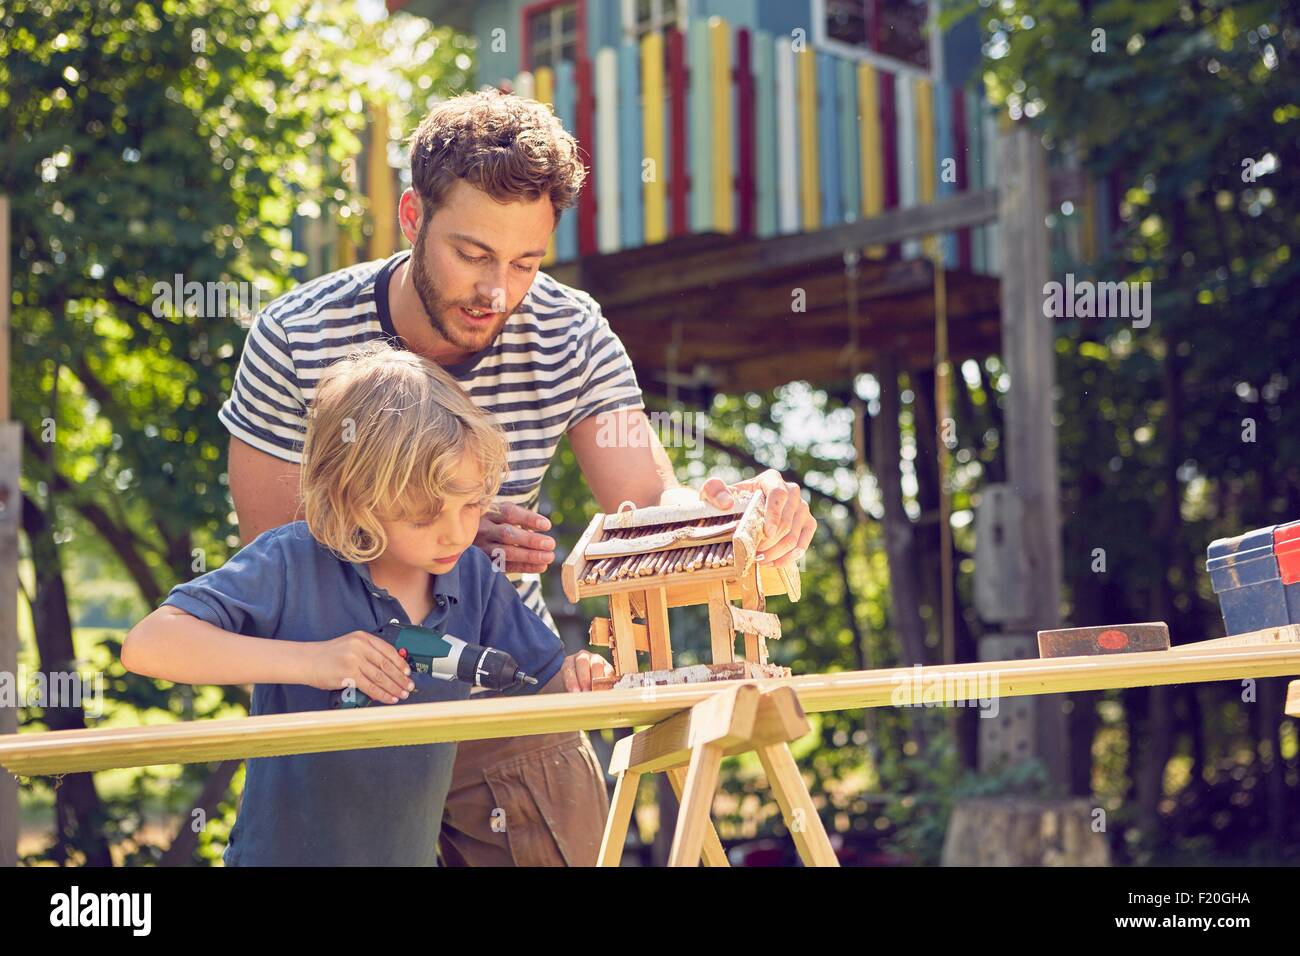 Padre e hijo haciendo carpintería juntos, al aire libre Imagen De Stock